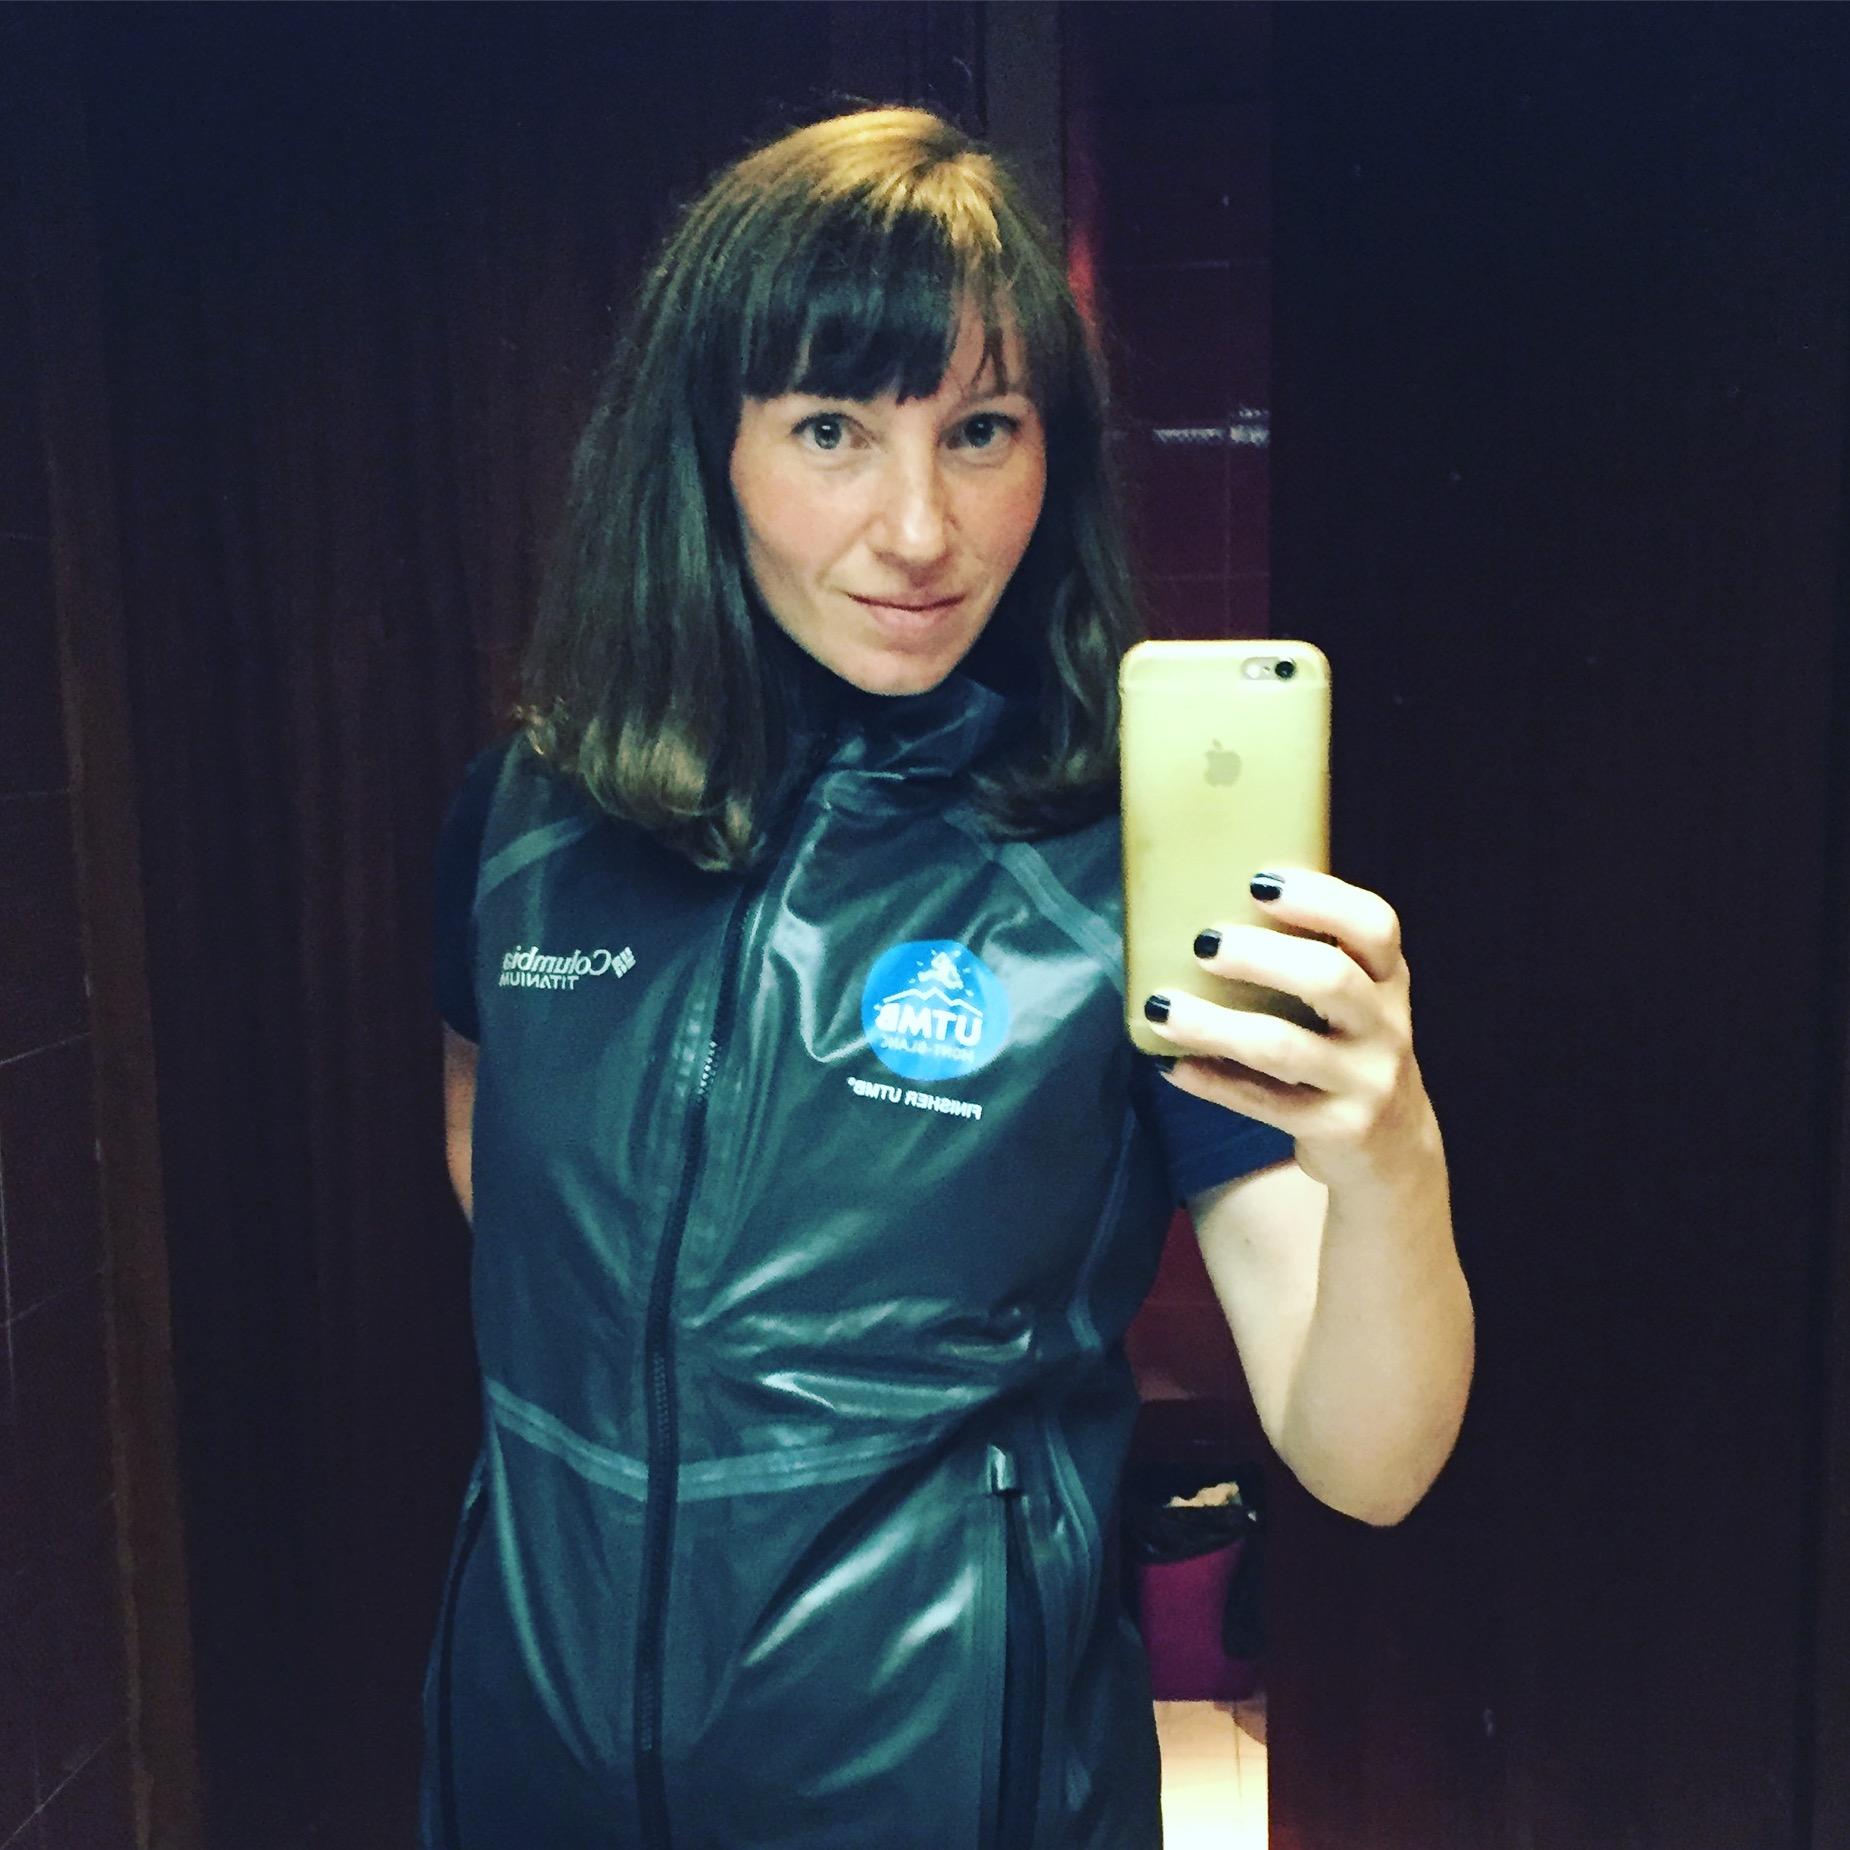 The UTMB finisher vest.